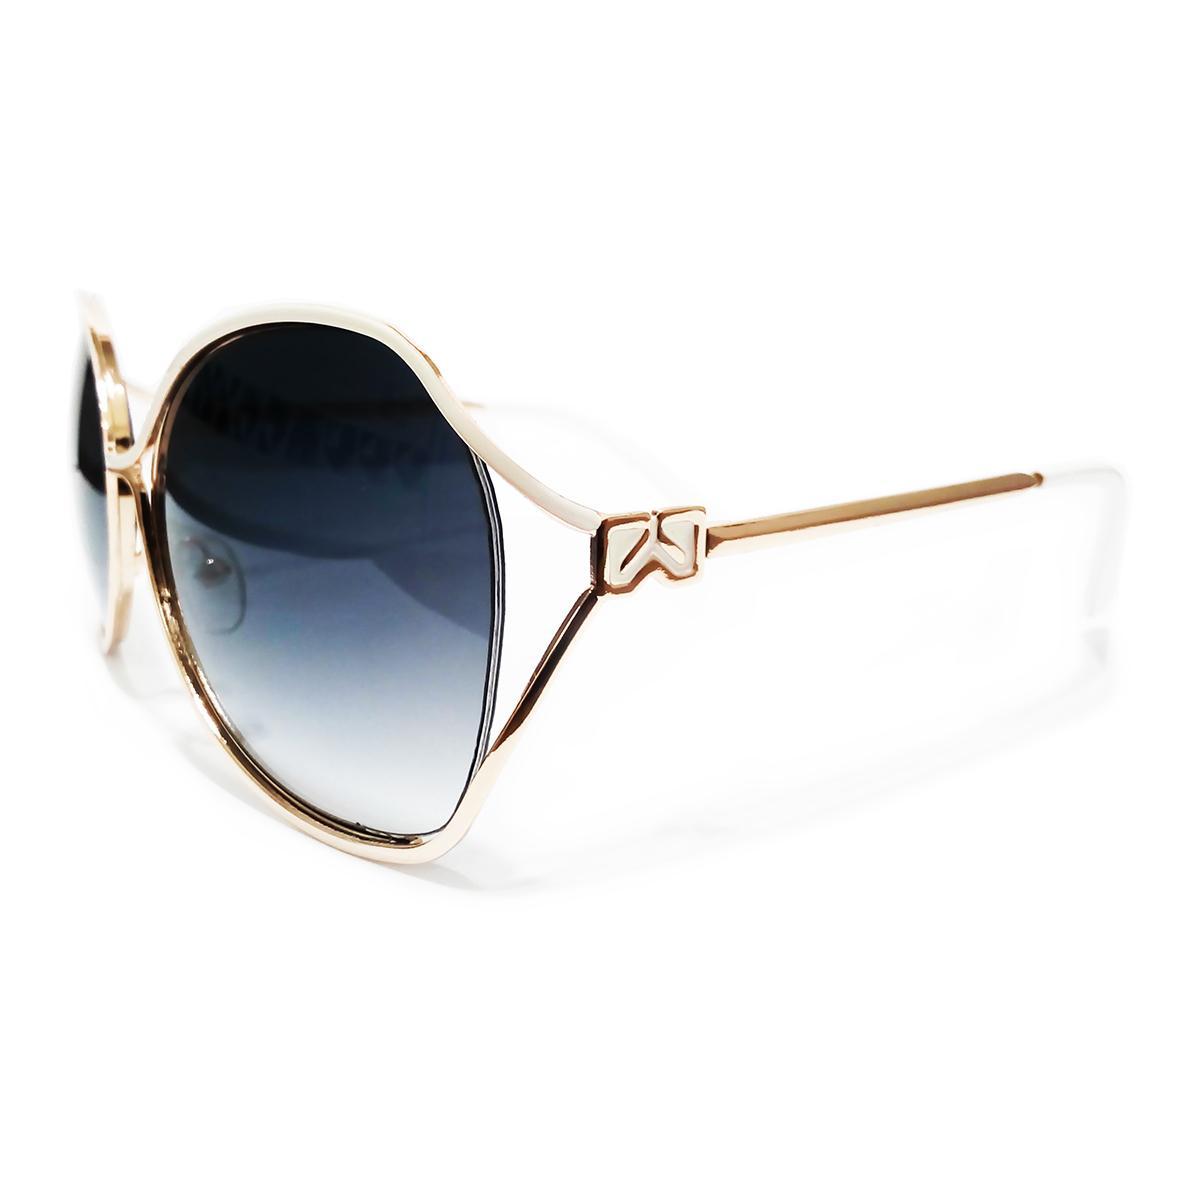 9a1b3bb08 Óculos de Sol Brine 1212 - Enox R$ 19,90 à vista. Adicionar à sacola